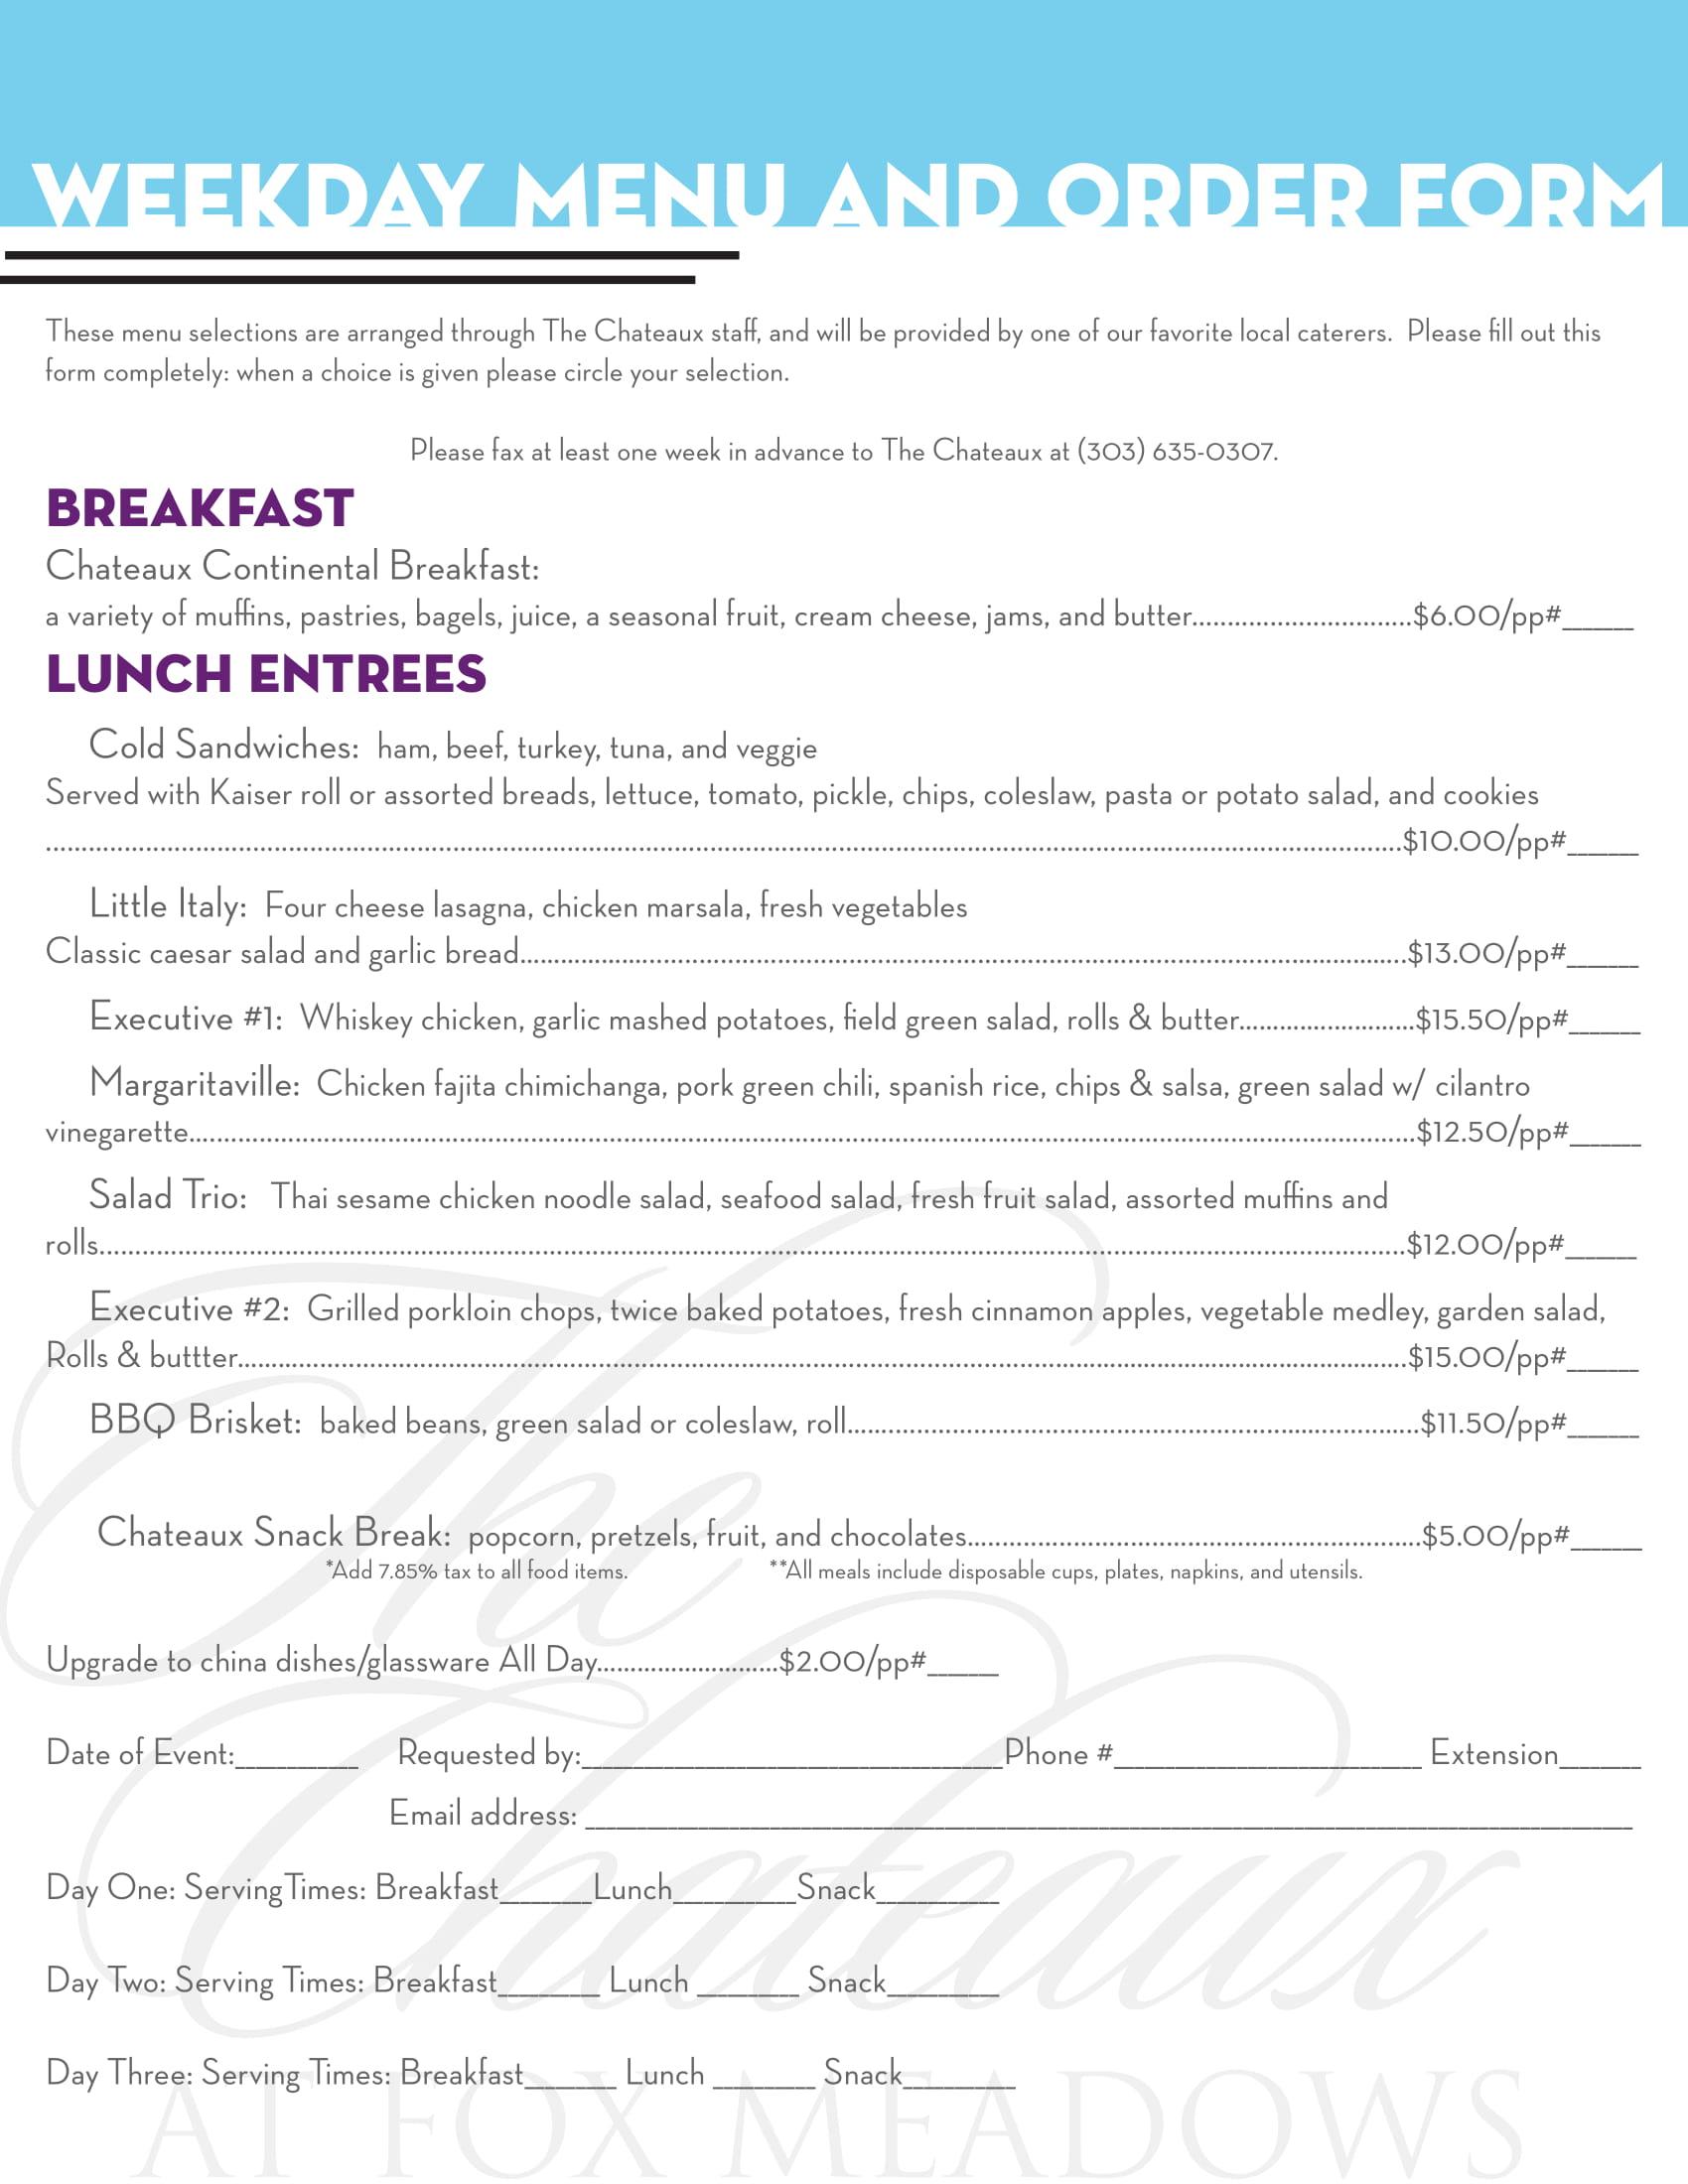 weekday menu and order form 1